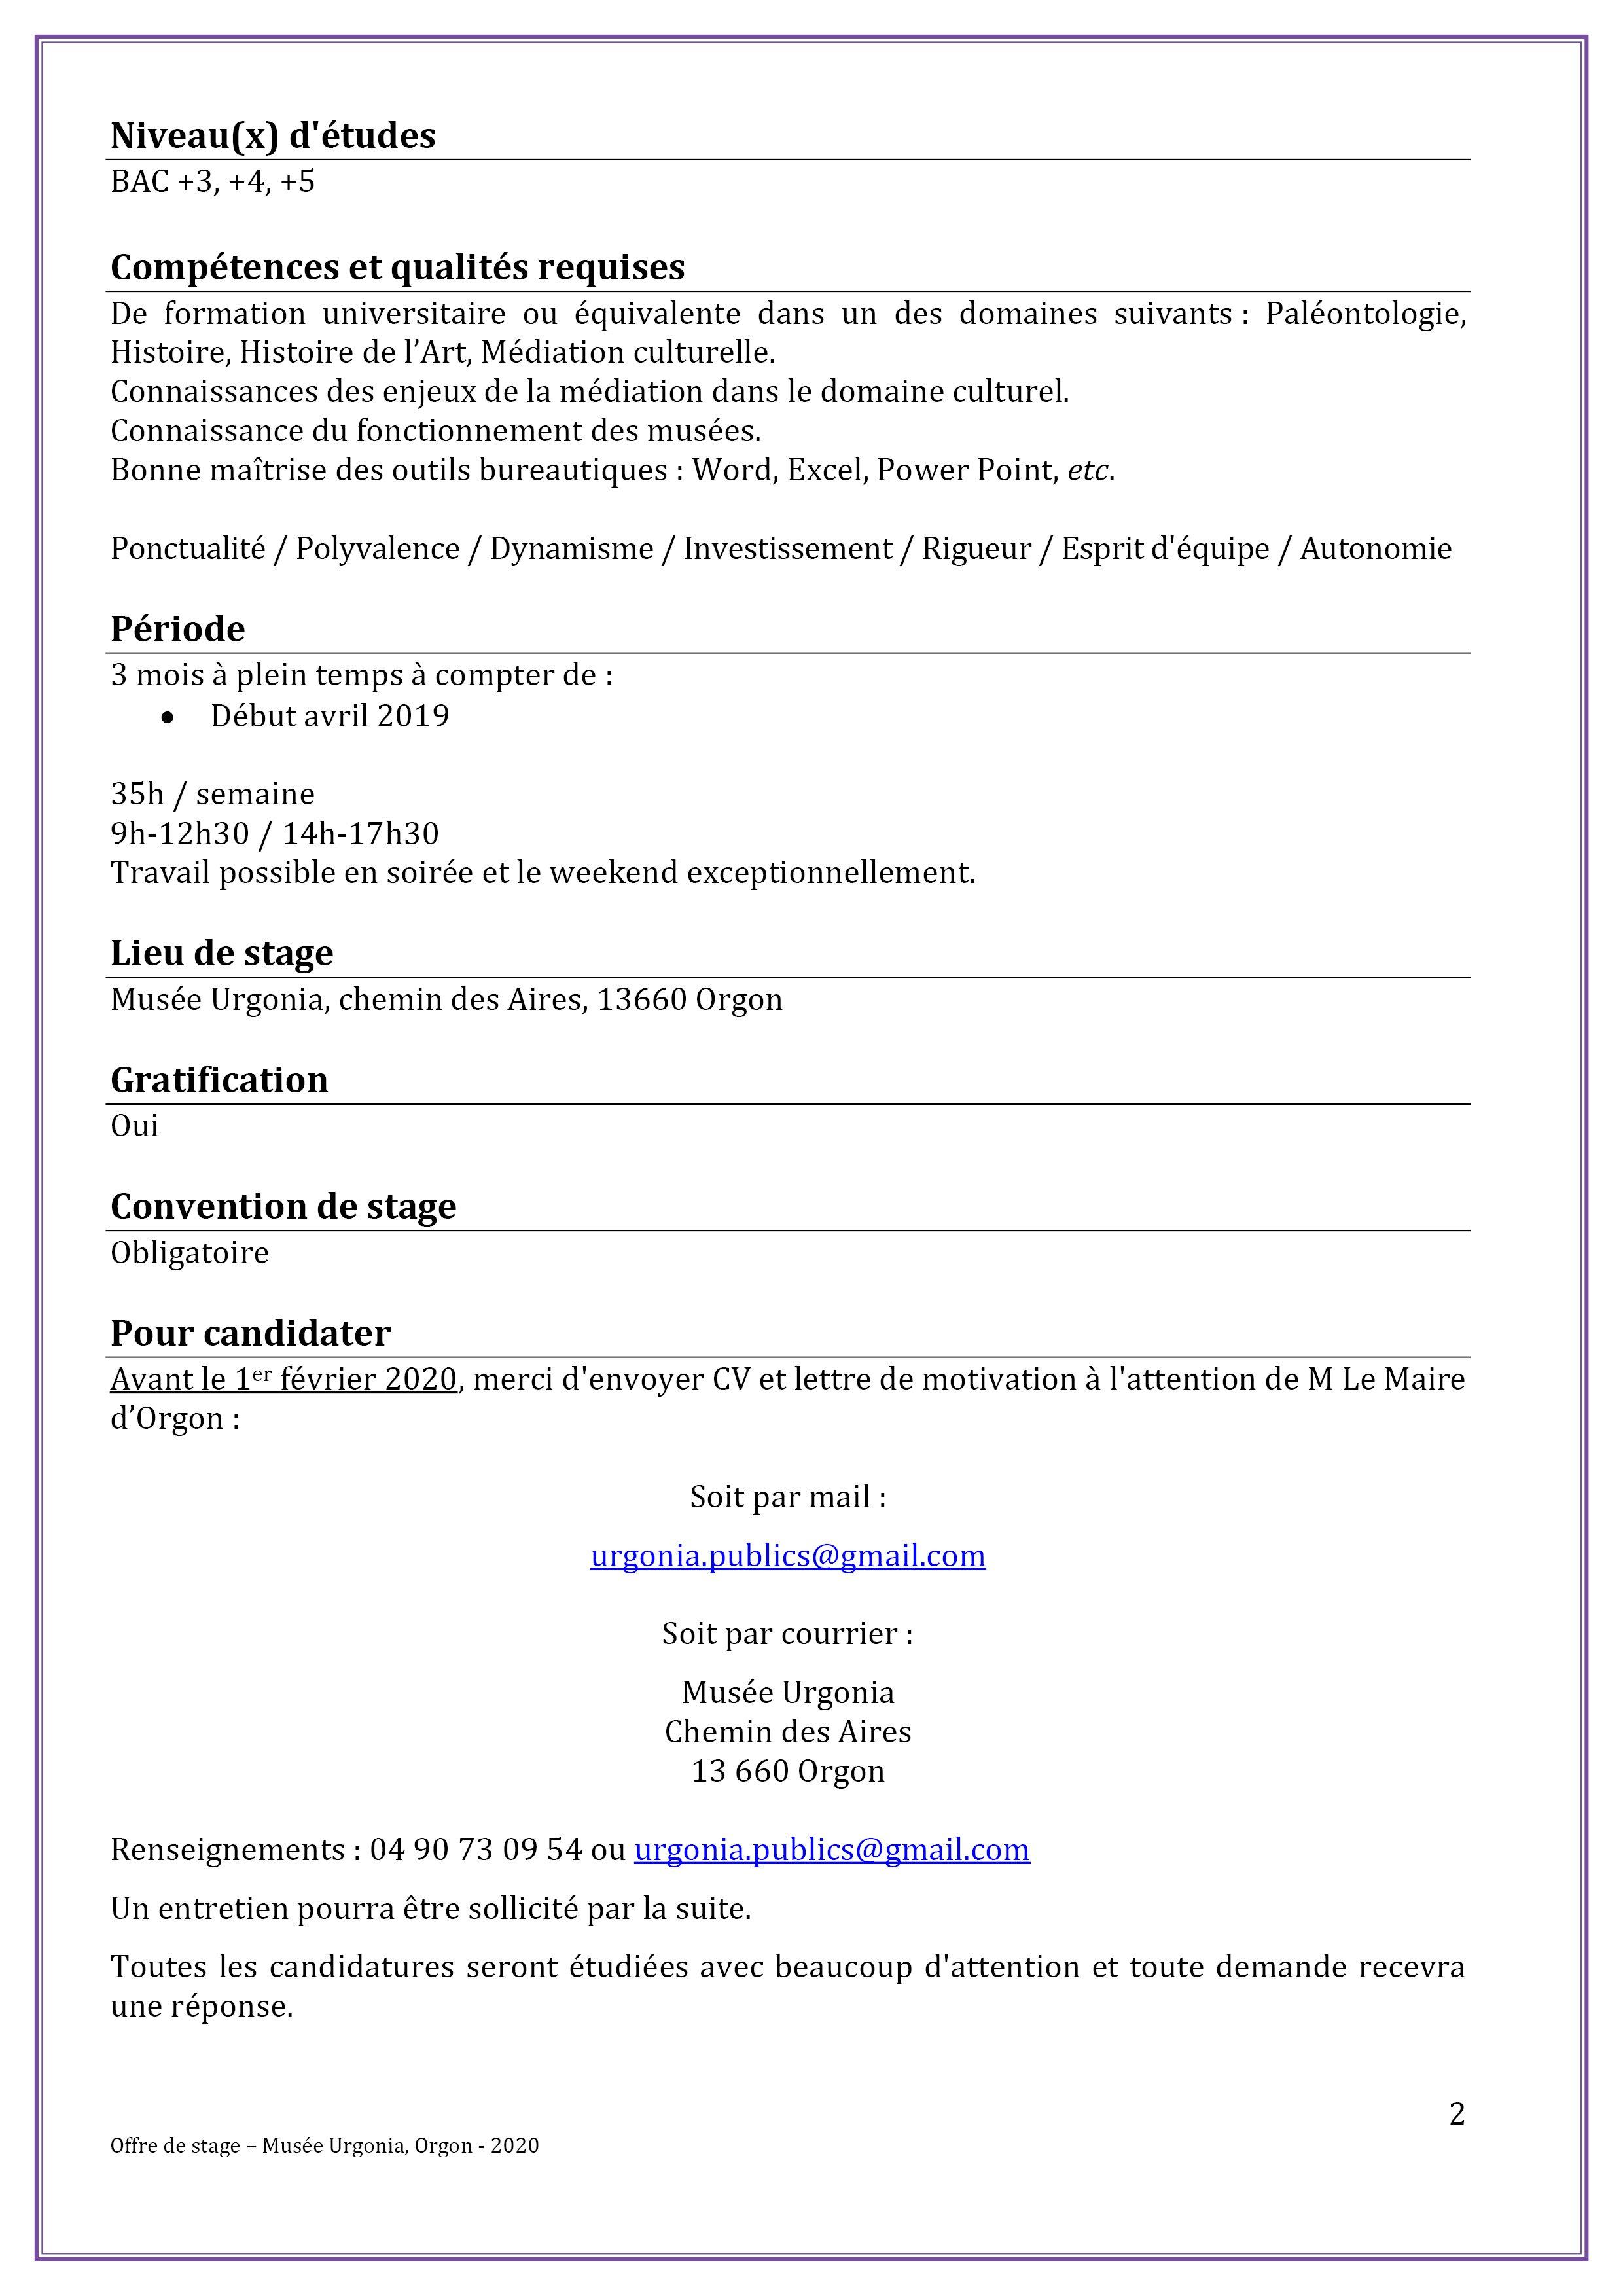 Offre De Stage Médiation Culturelle Au Musée Urgonia